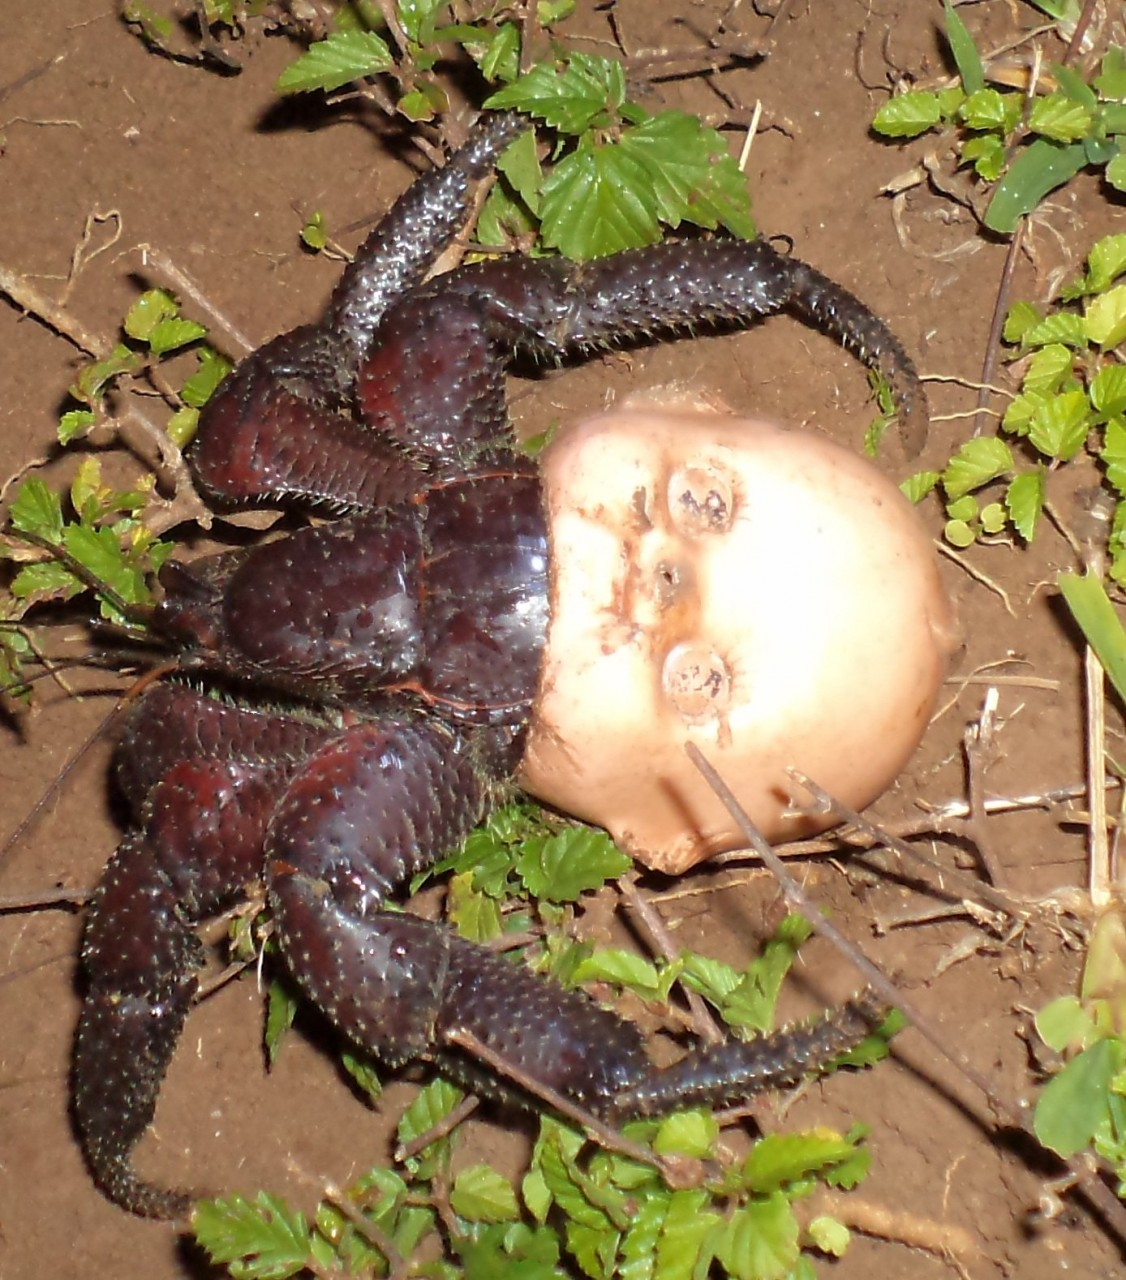 Мусорная катастрофа: рак поселился в голове куклы